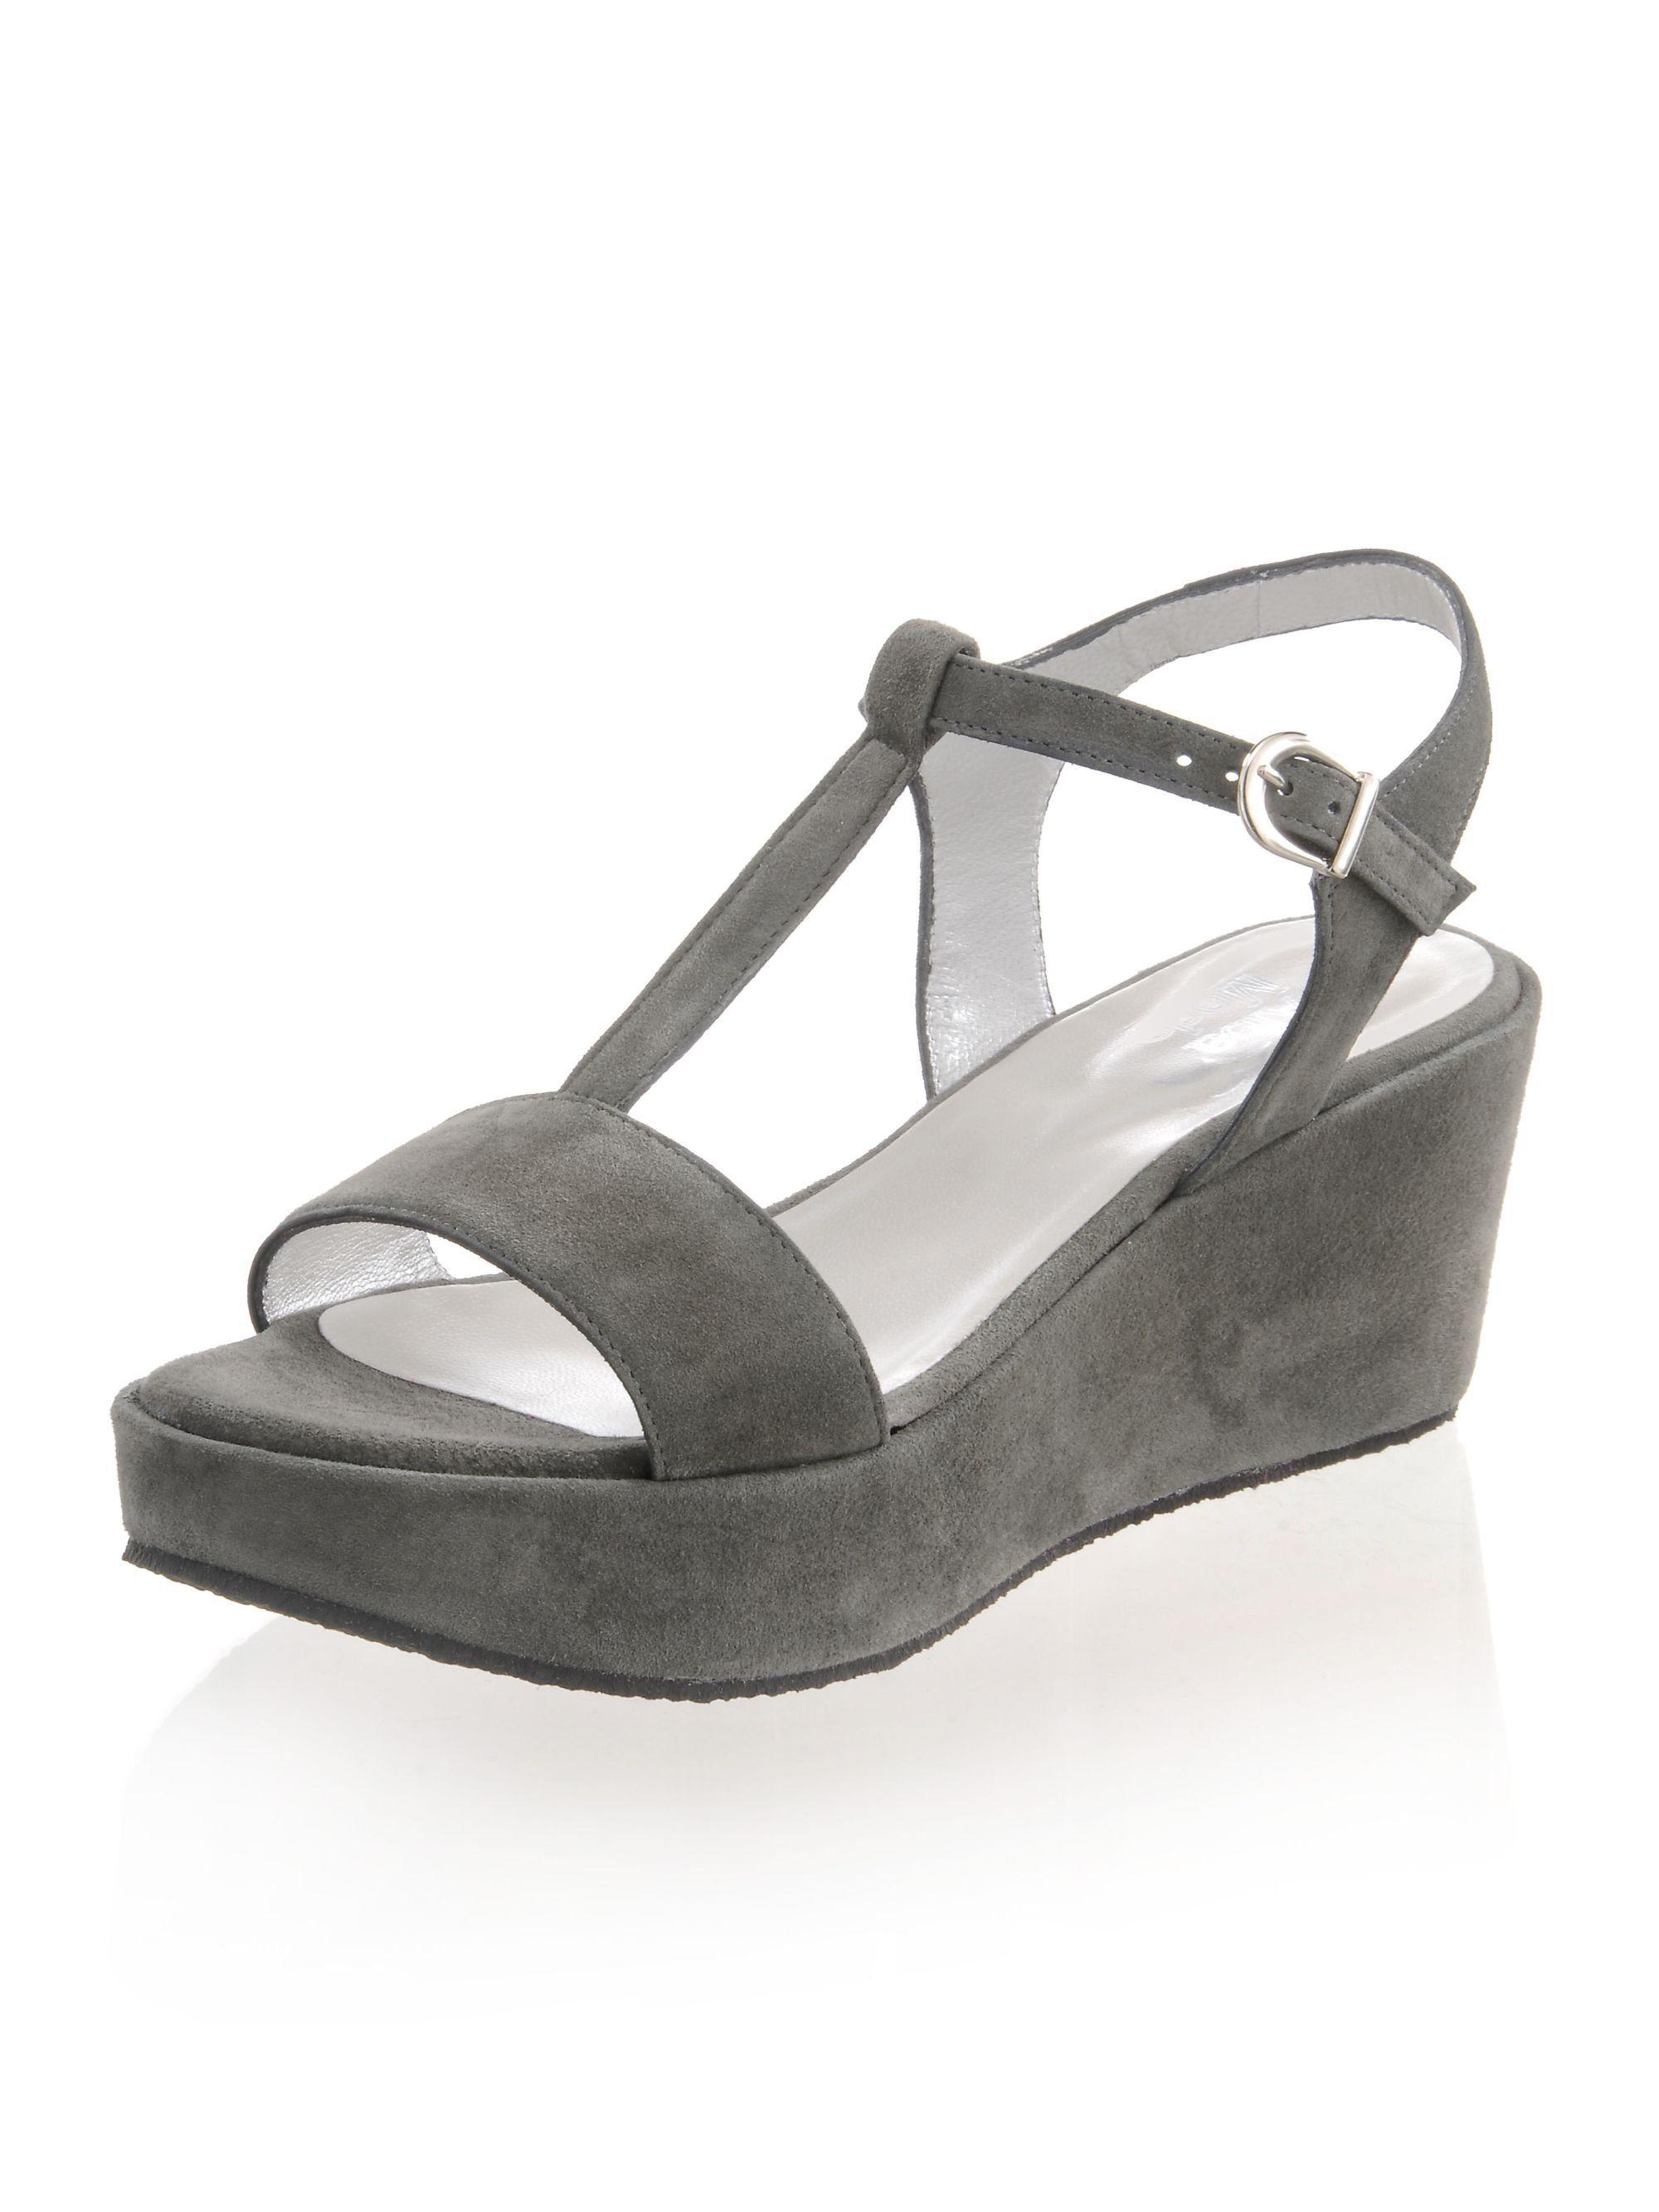 Alba Moda Sandalette mit Keilabsatz online kaufen  grau